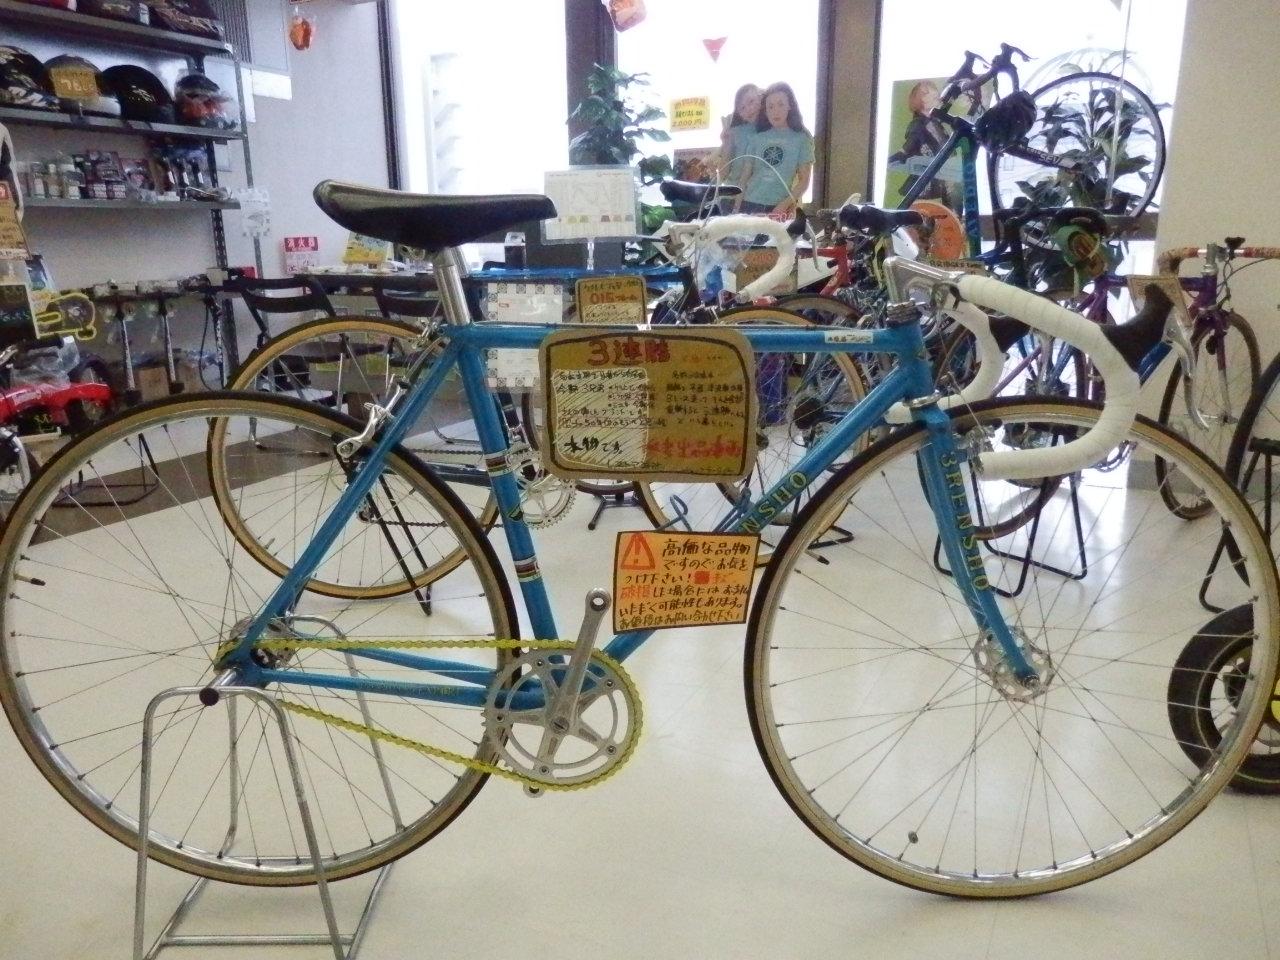 岩手県盛岡市近郊でロード・クロスバイク・パーツ買取なら滝沢市の「チャーリーオージ」にお任せ下さい!